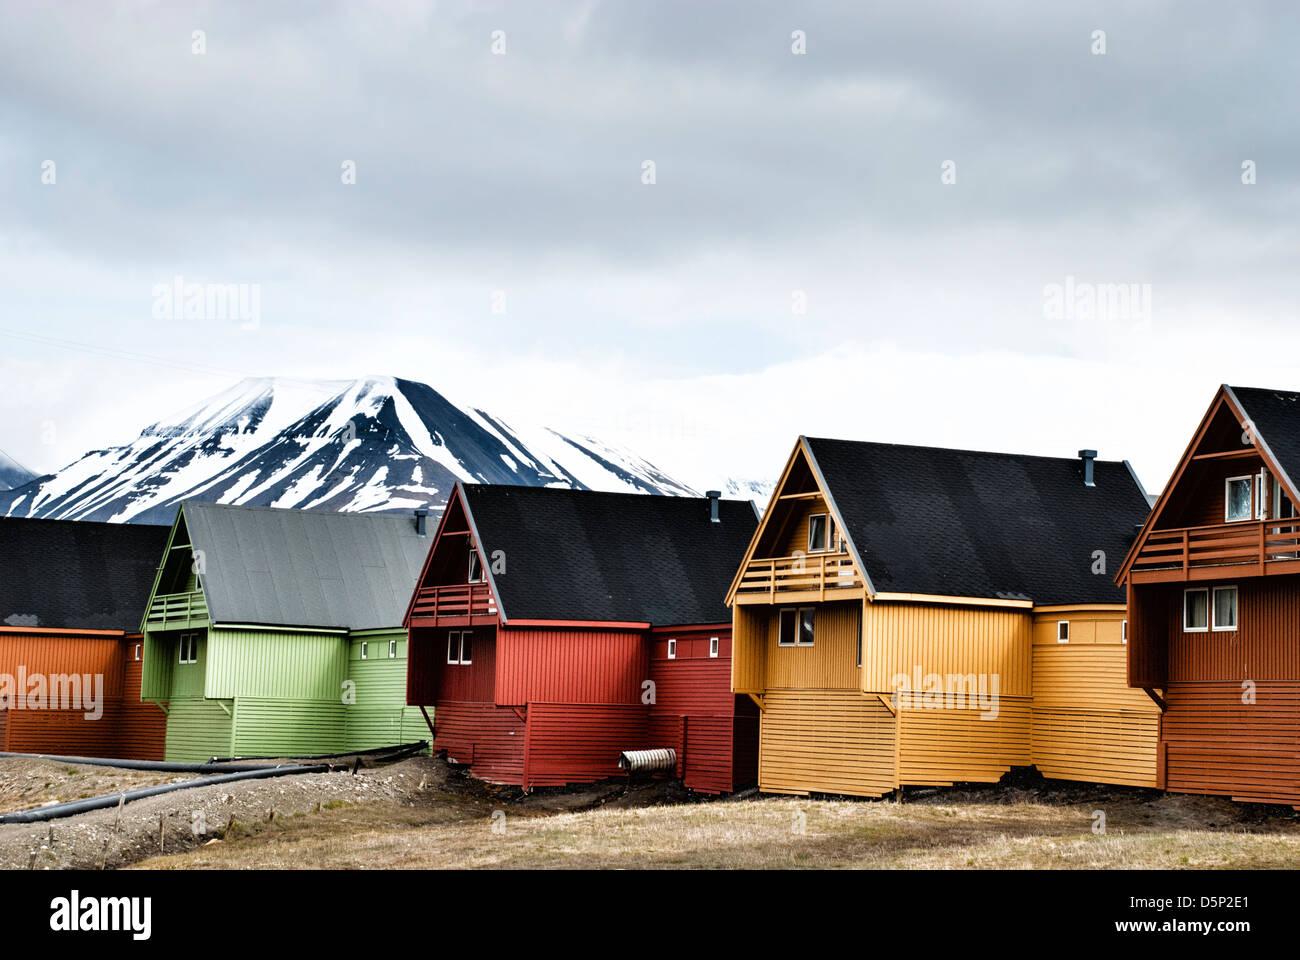 Bunten Häuser in der Stadt Longyearbyen auf Spitzbergen, Spitzbergen, Norwegen Stockbild